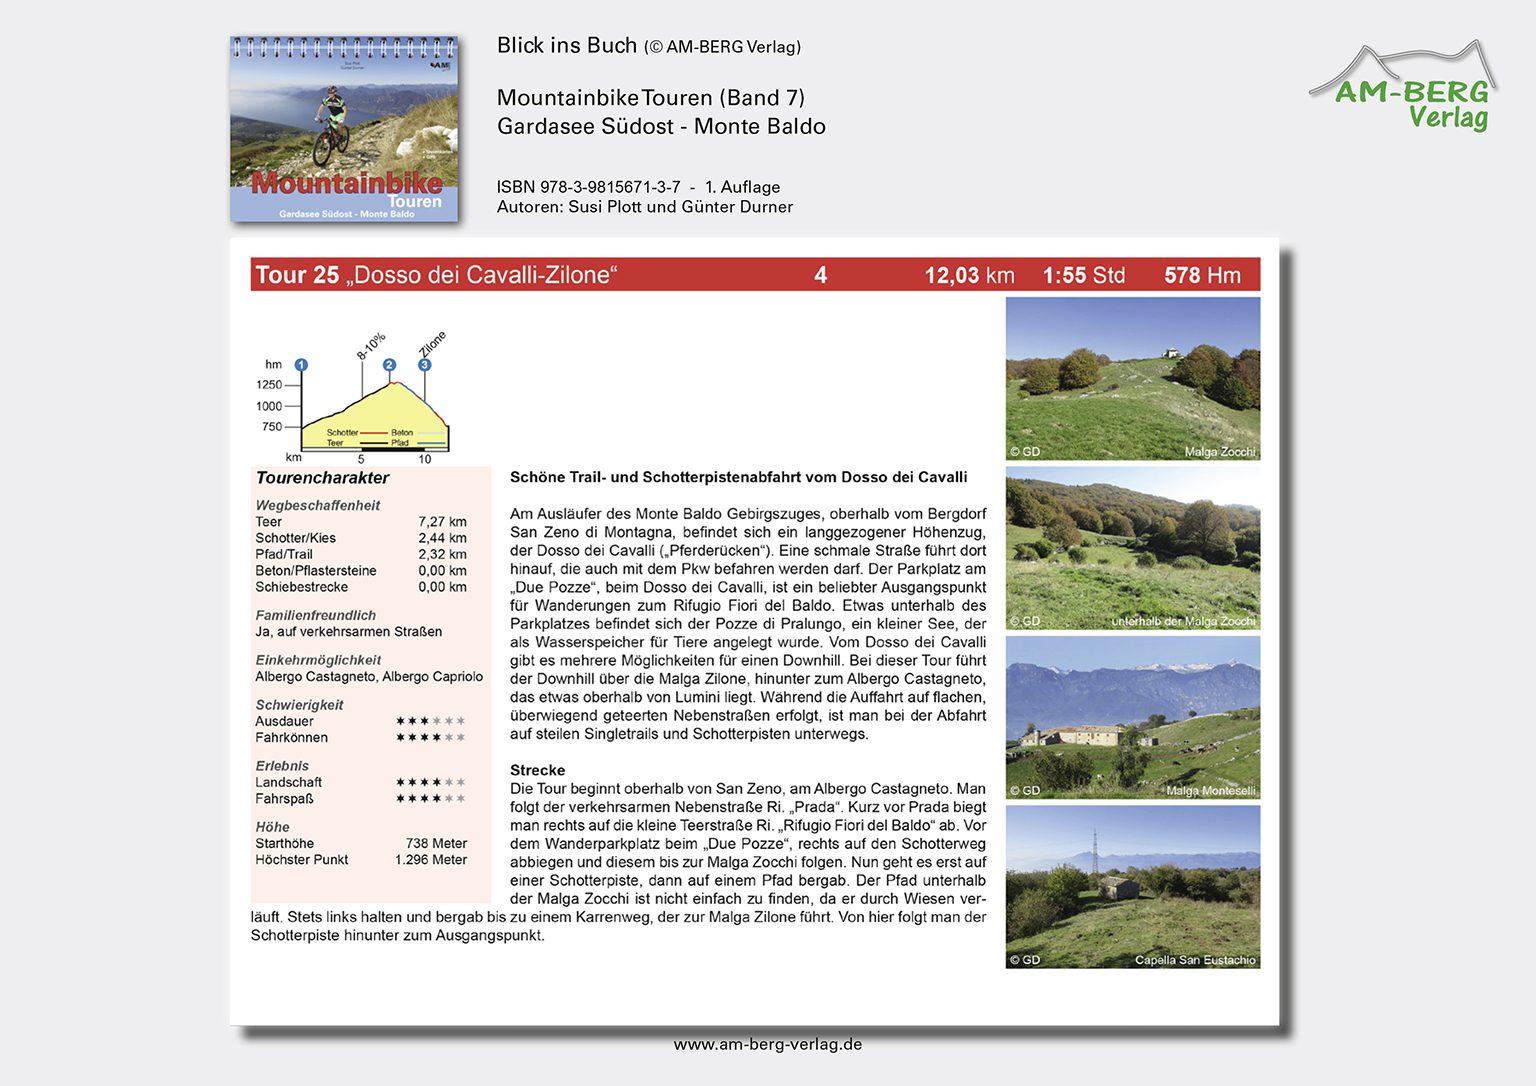 Mountainbike Touren Gardasee Südost - Monte Baldo_BlickinsBuch8